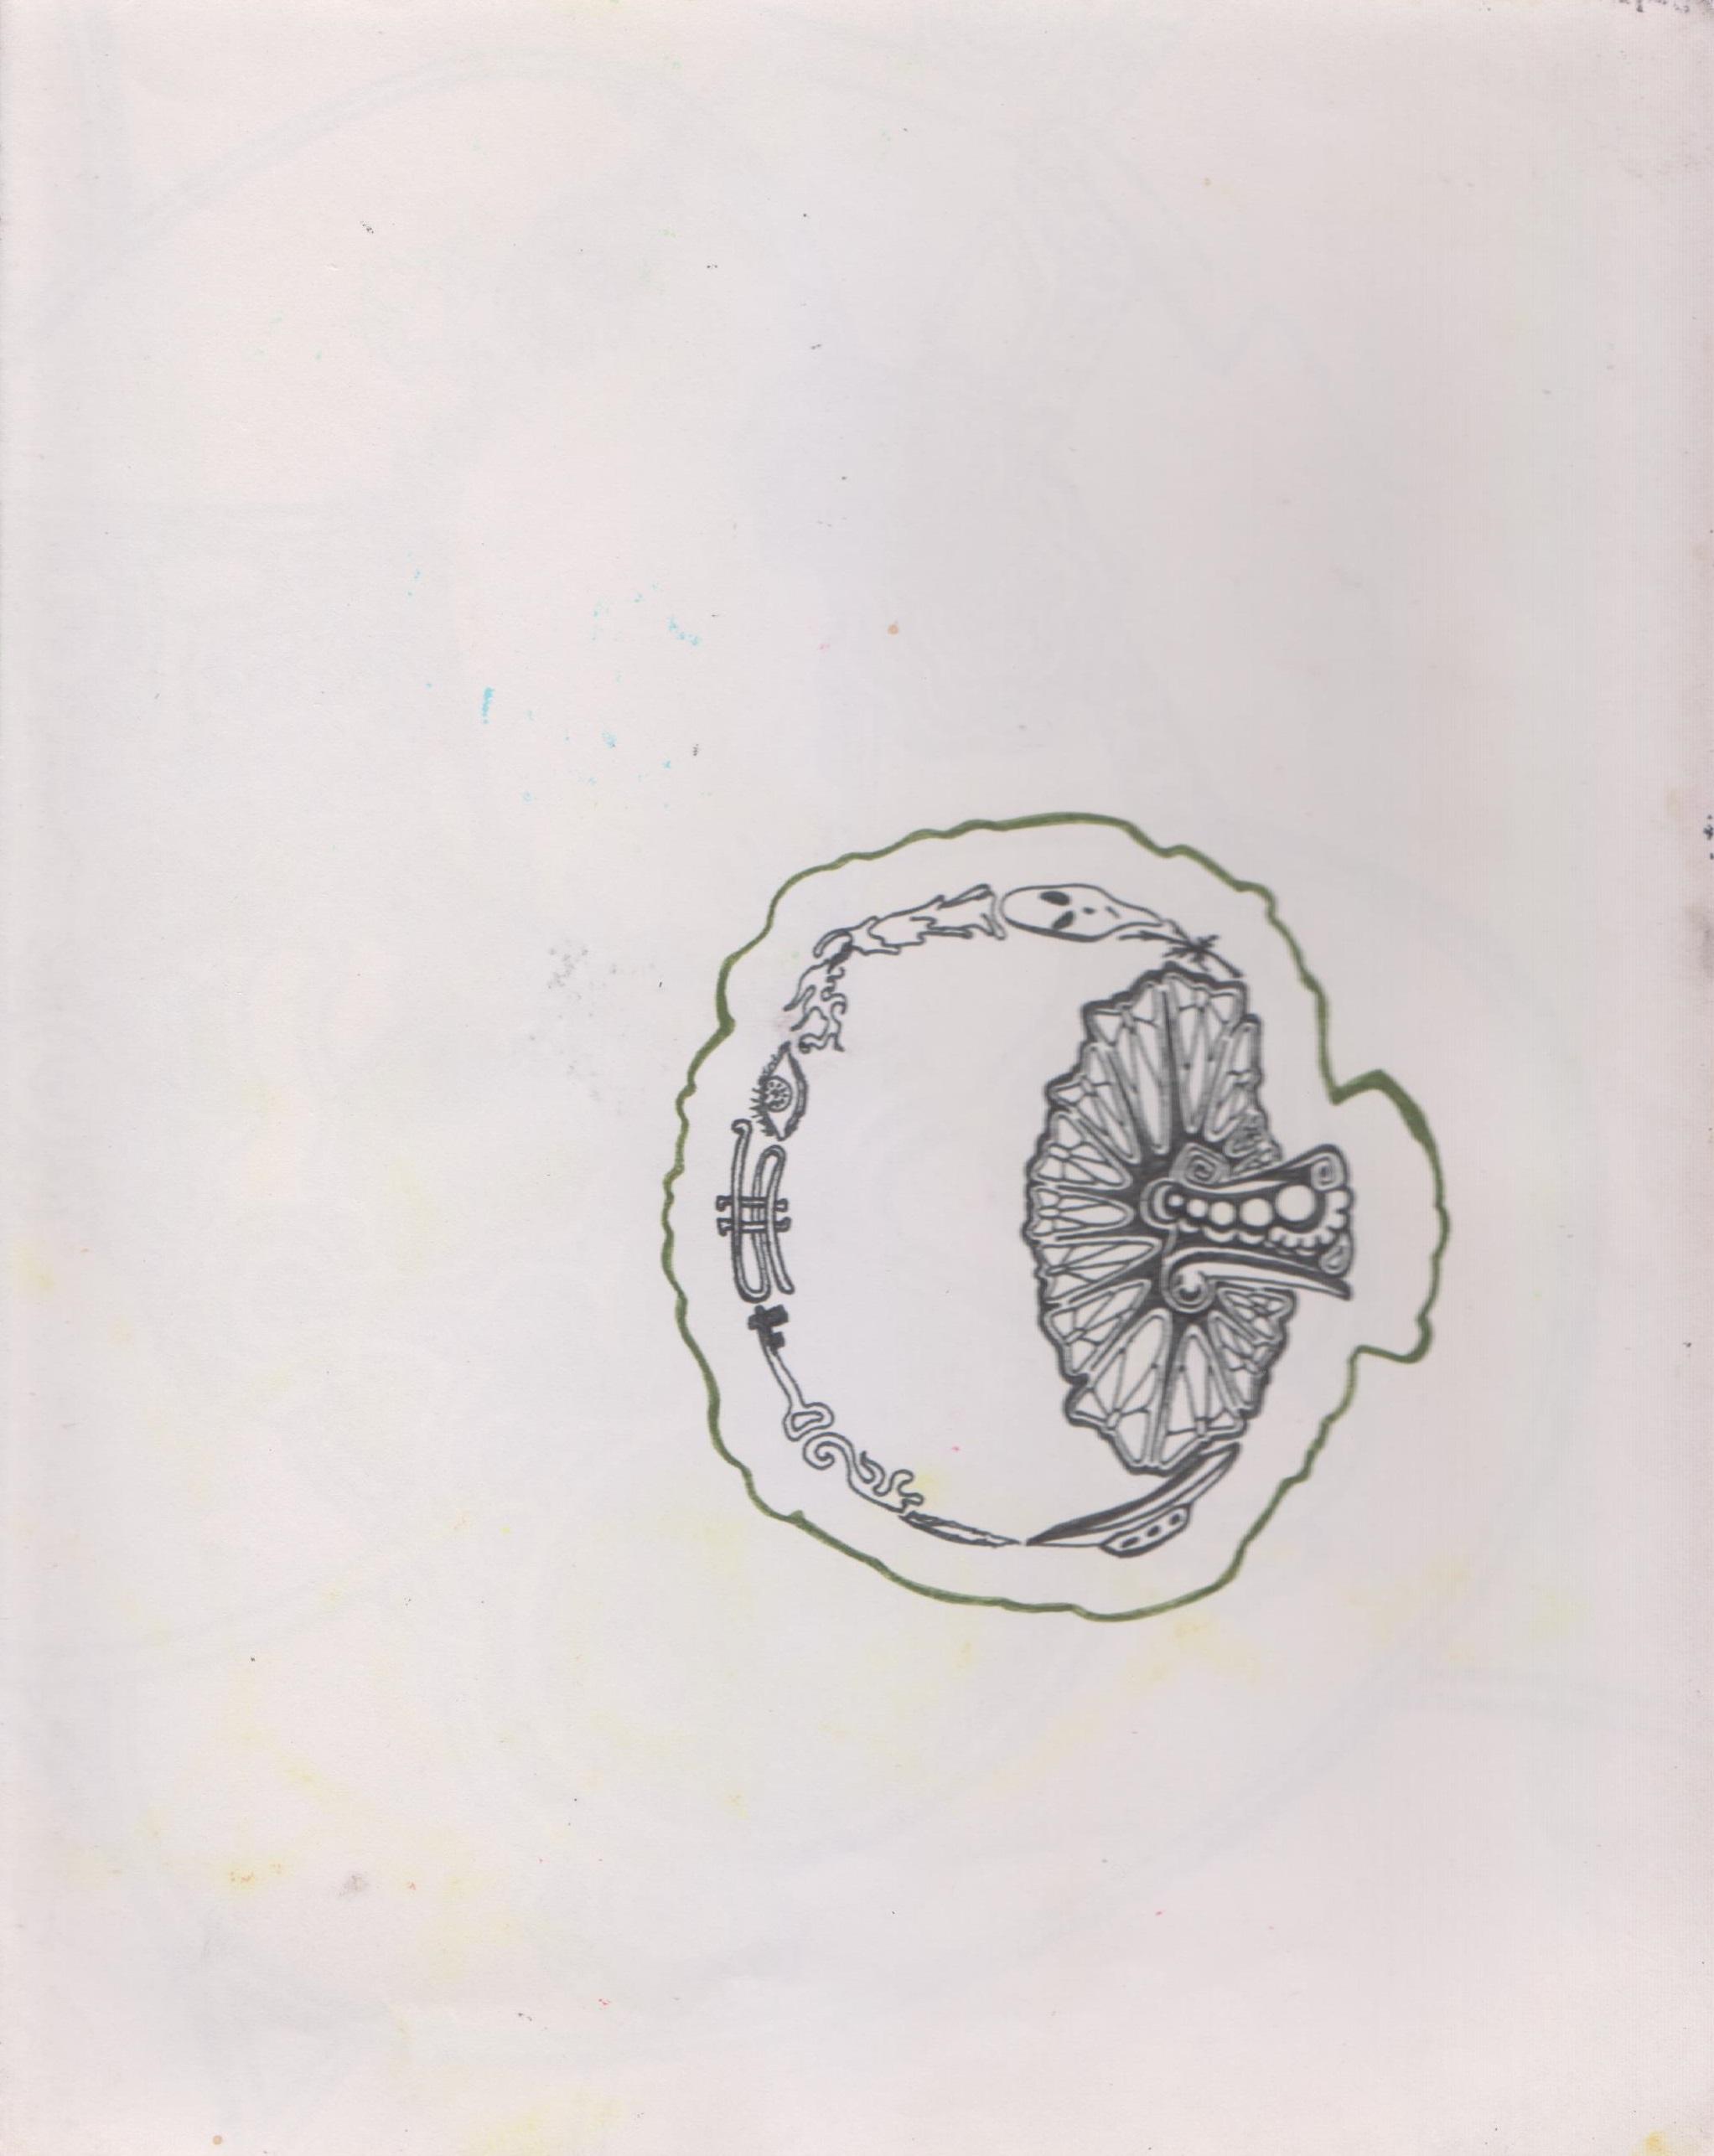 Book_1_Page_4_Crop.jpg